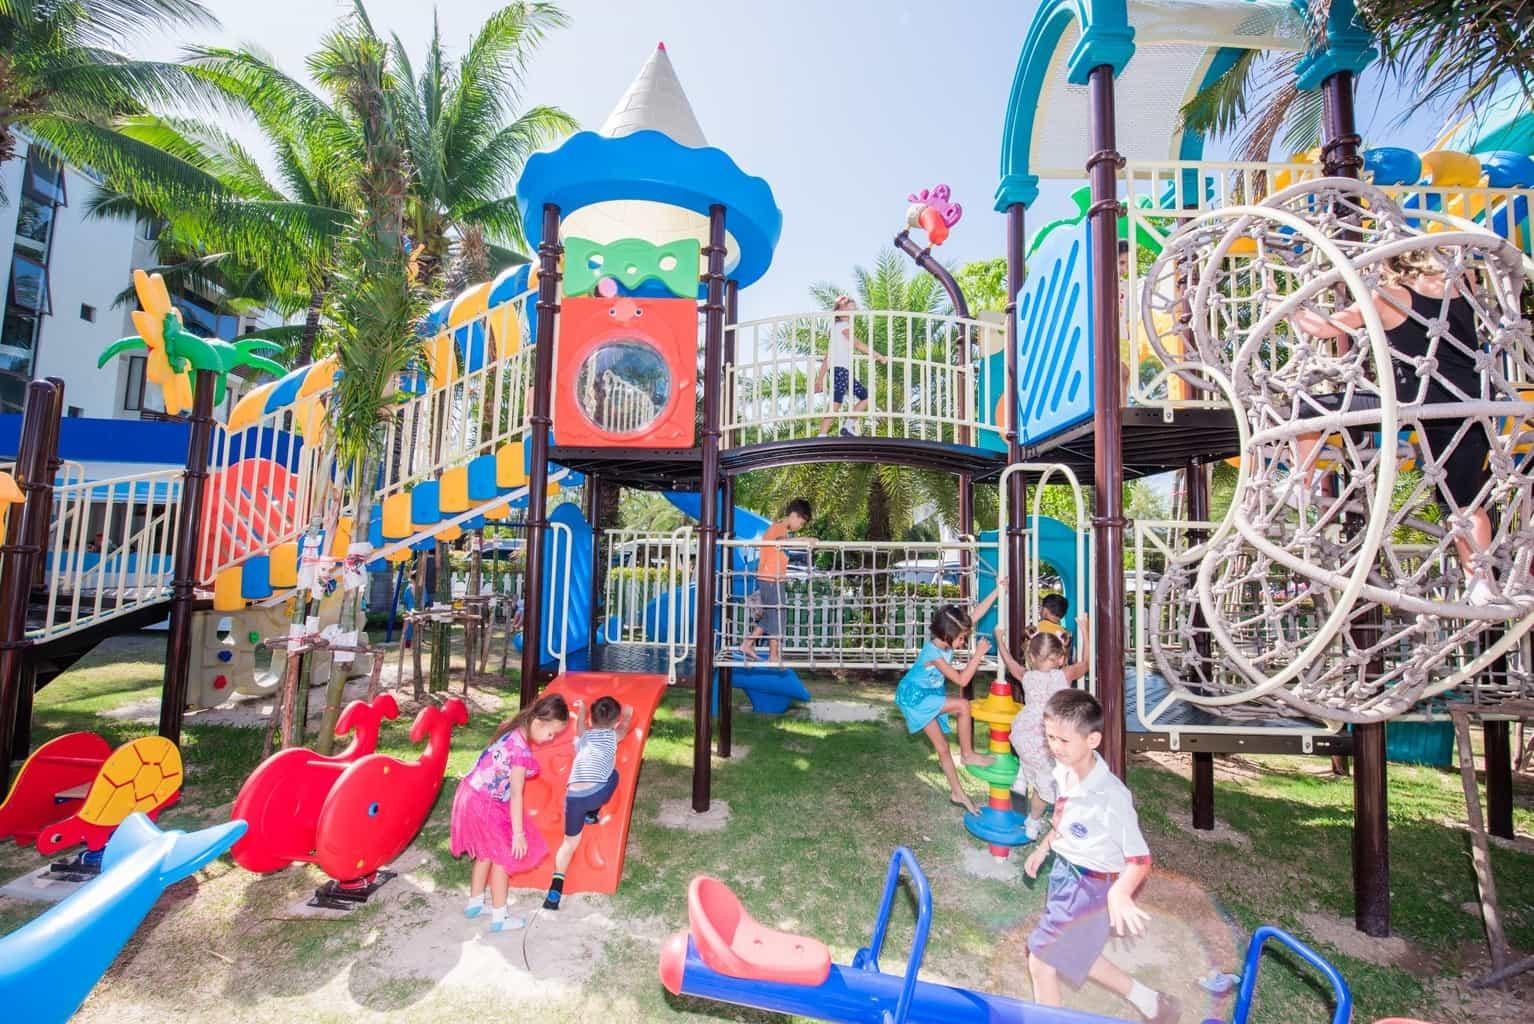 The Kids Fun Fair and Sale